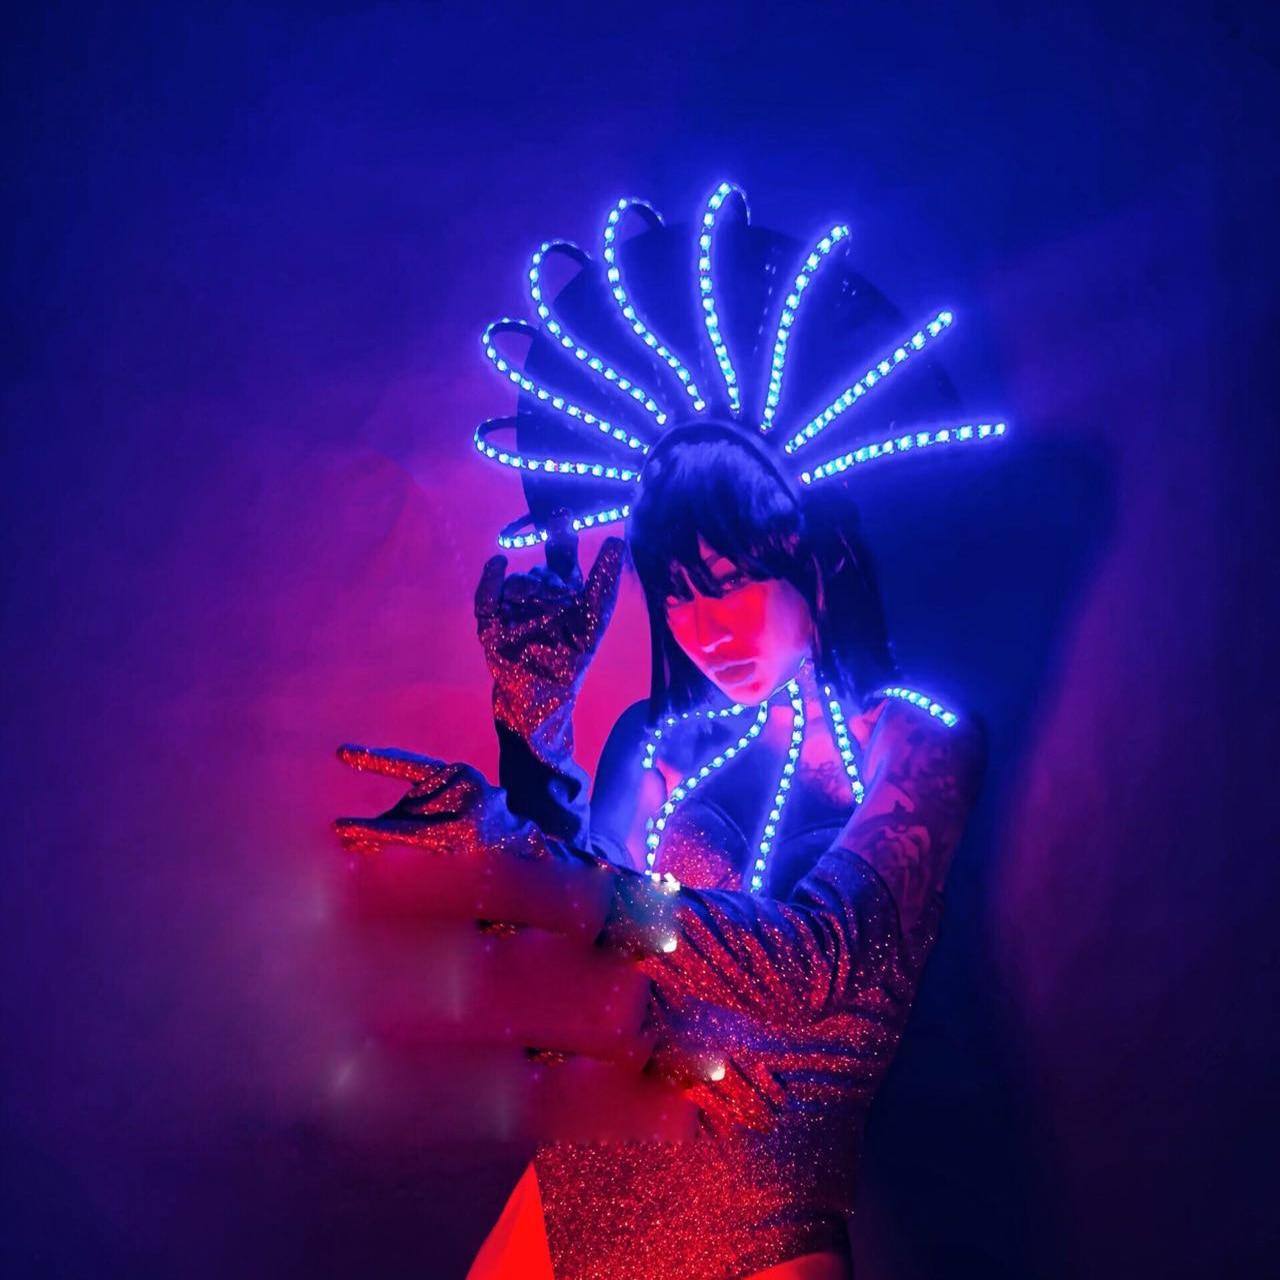 مرحلة الرقص تظهر نادي ليلي بار ملابس الحفلات مثير المرأة led زي لوميوس أغطية الرأس ارتداءها مجموعة كاملة راقصة الزي